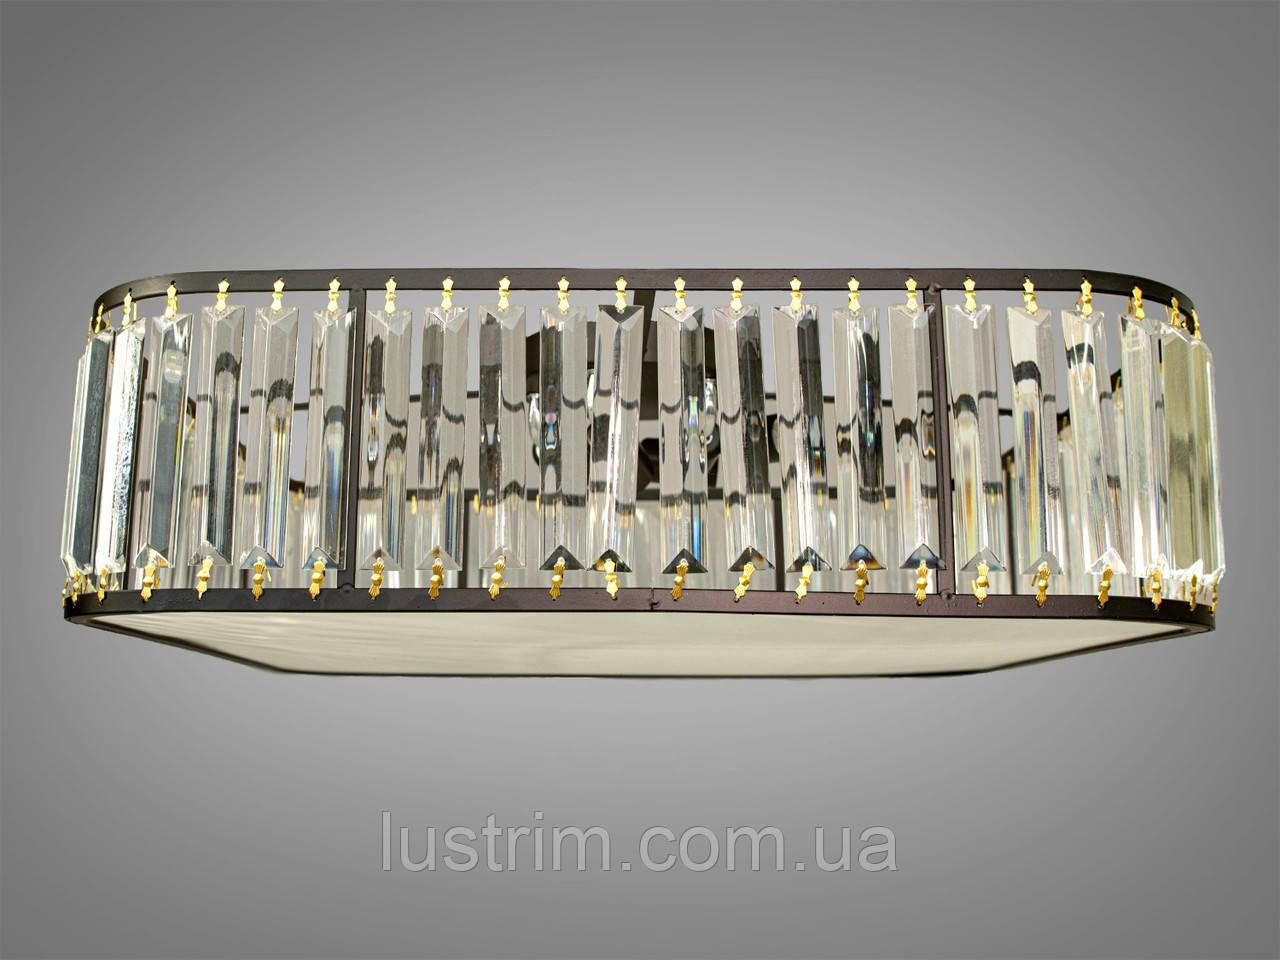 Сучасна кришталева люстра стельова на 5 ламп